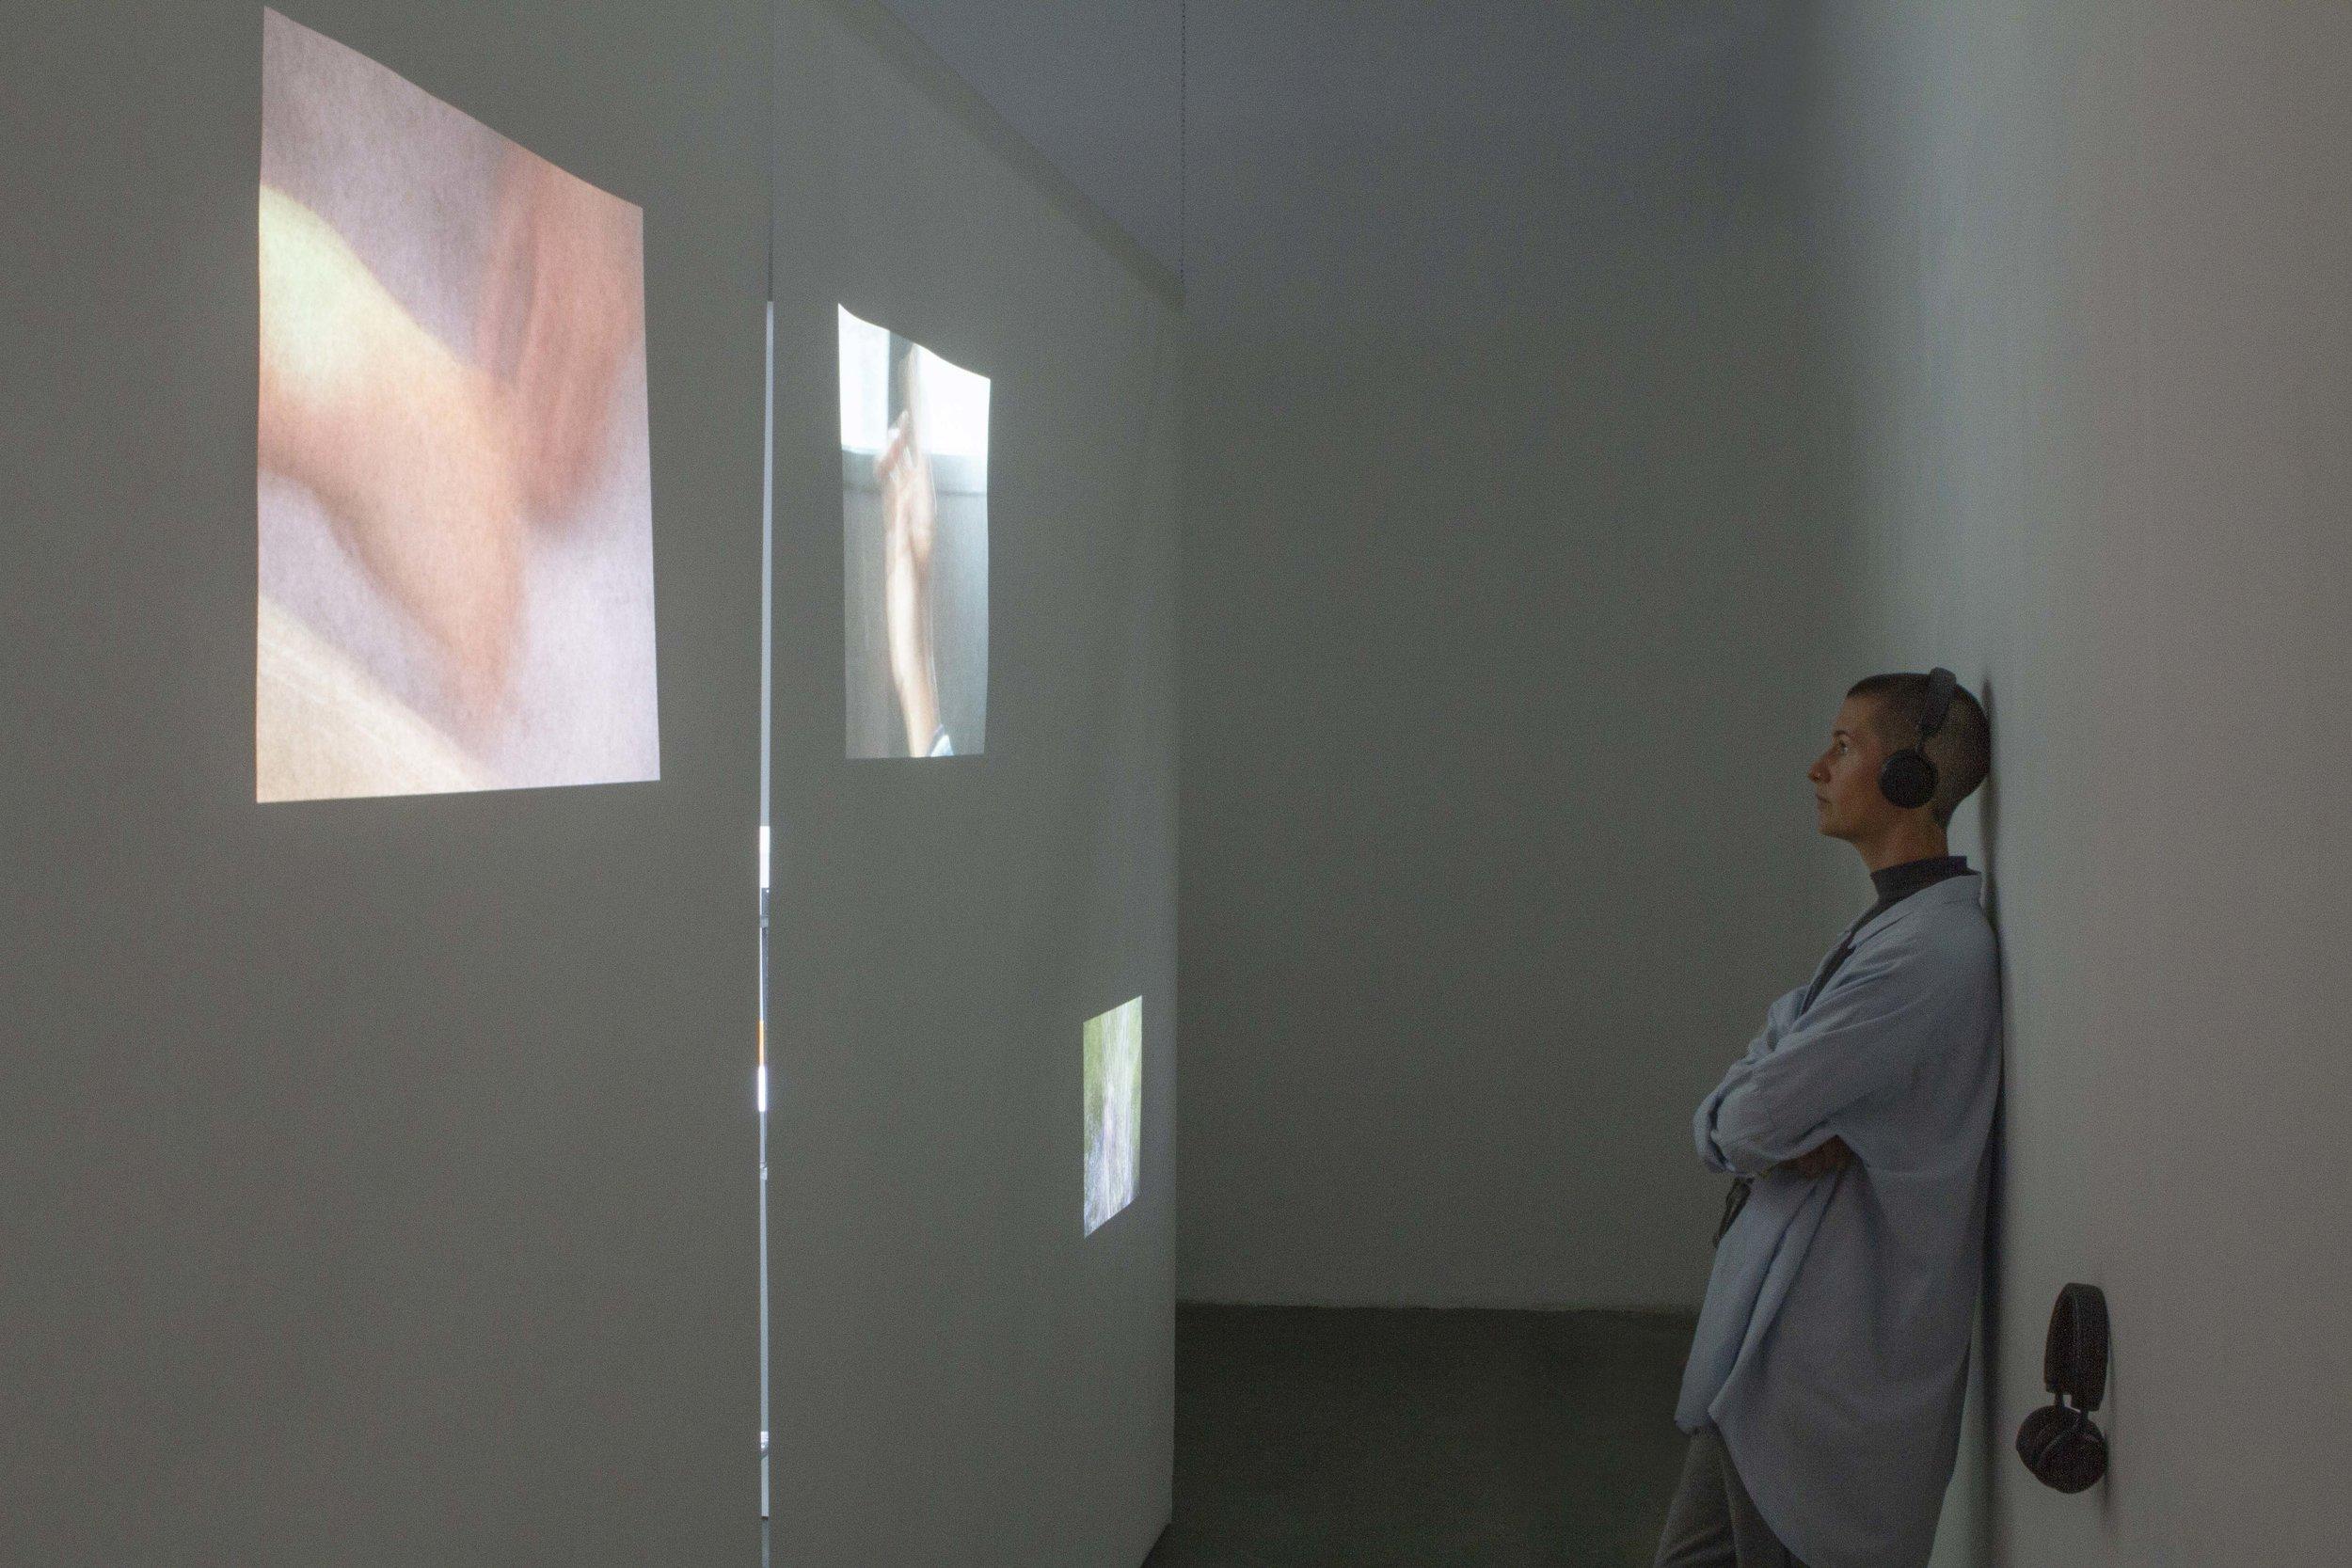 Objet regard, installation vidéo, projections à travers structure en papier, 2019.